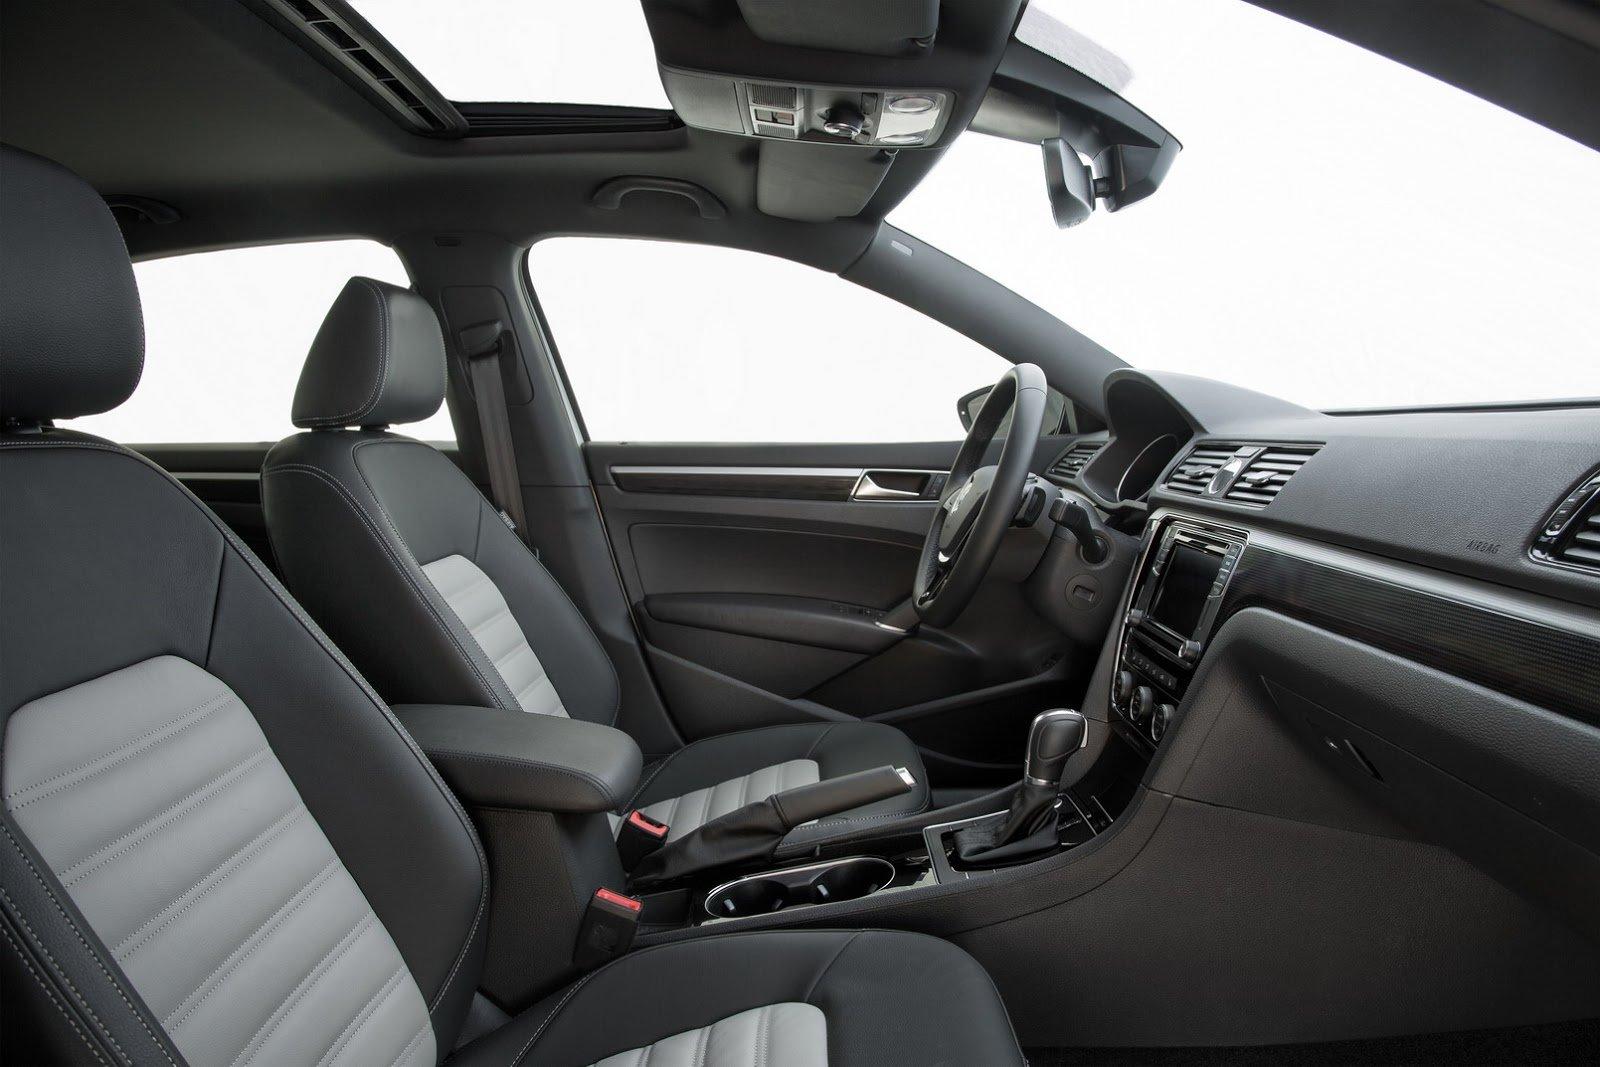 Volkswagen Passat GT ukazuje trochu sportovních ambicí sedanu střední třídy.